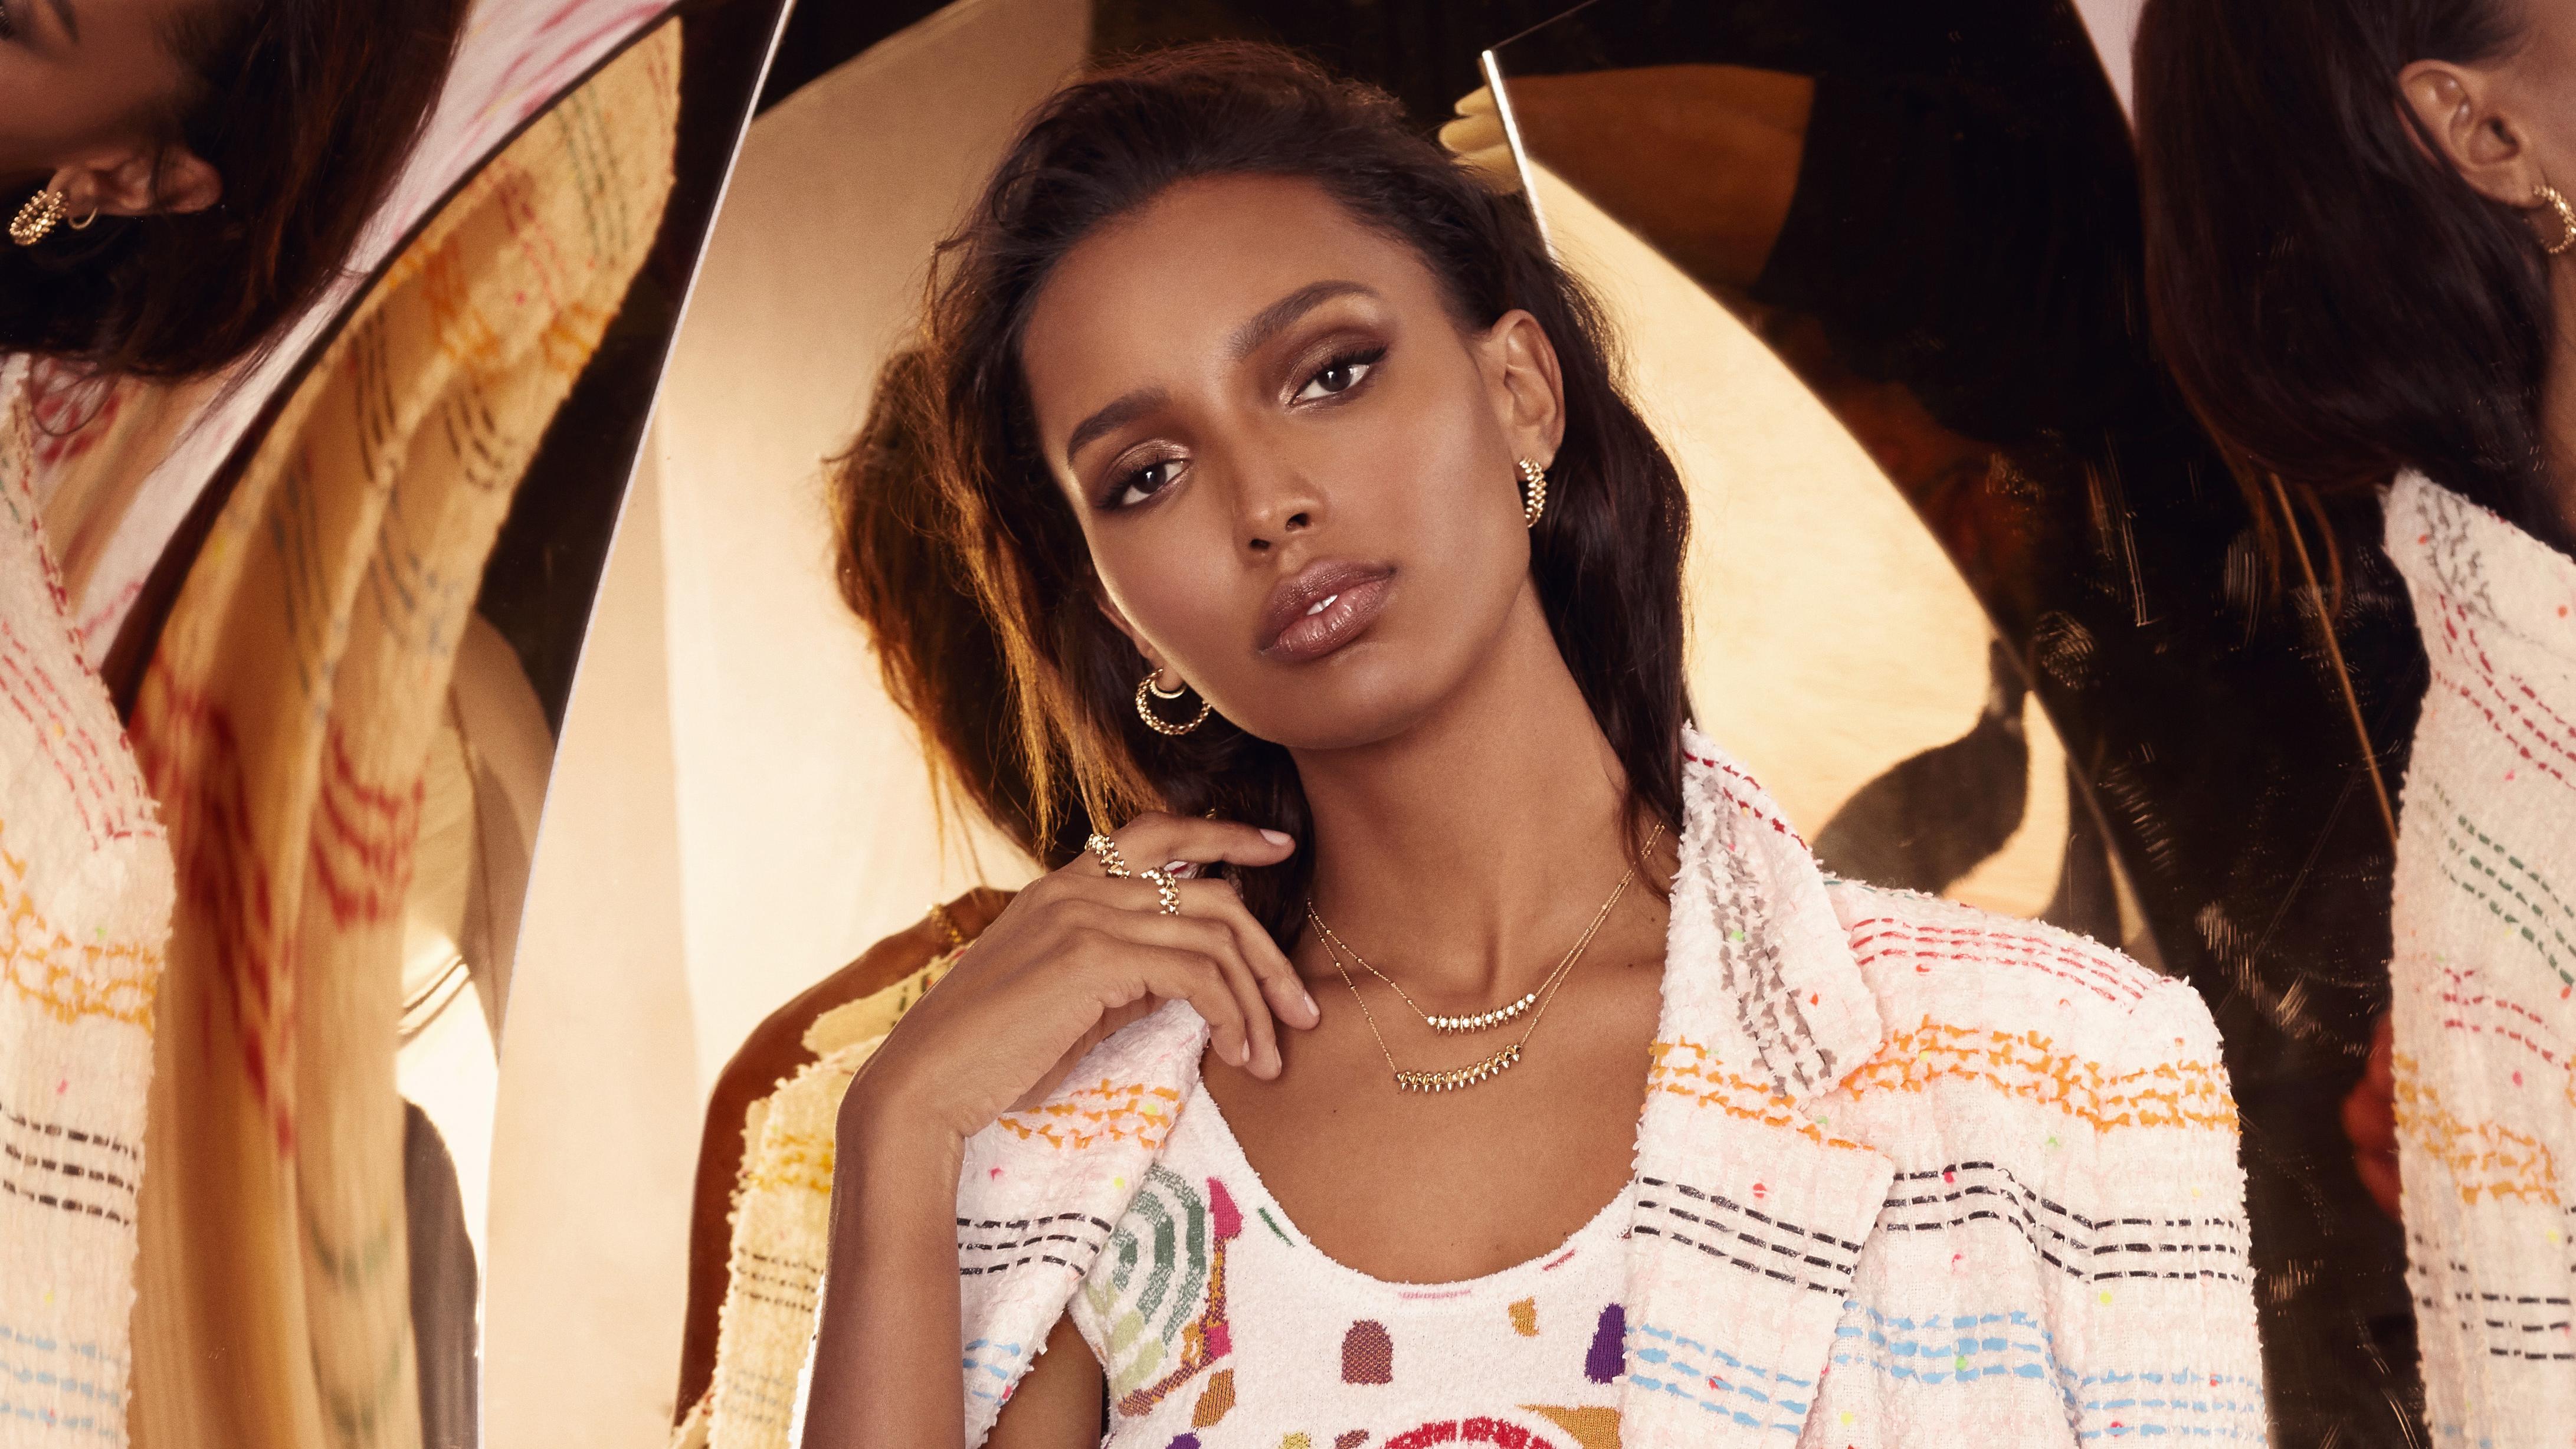 Jasmine Tookes 4k Hd Celebrities 4k Wallpapers Images